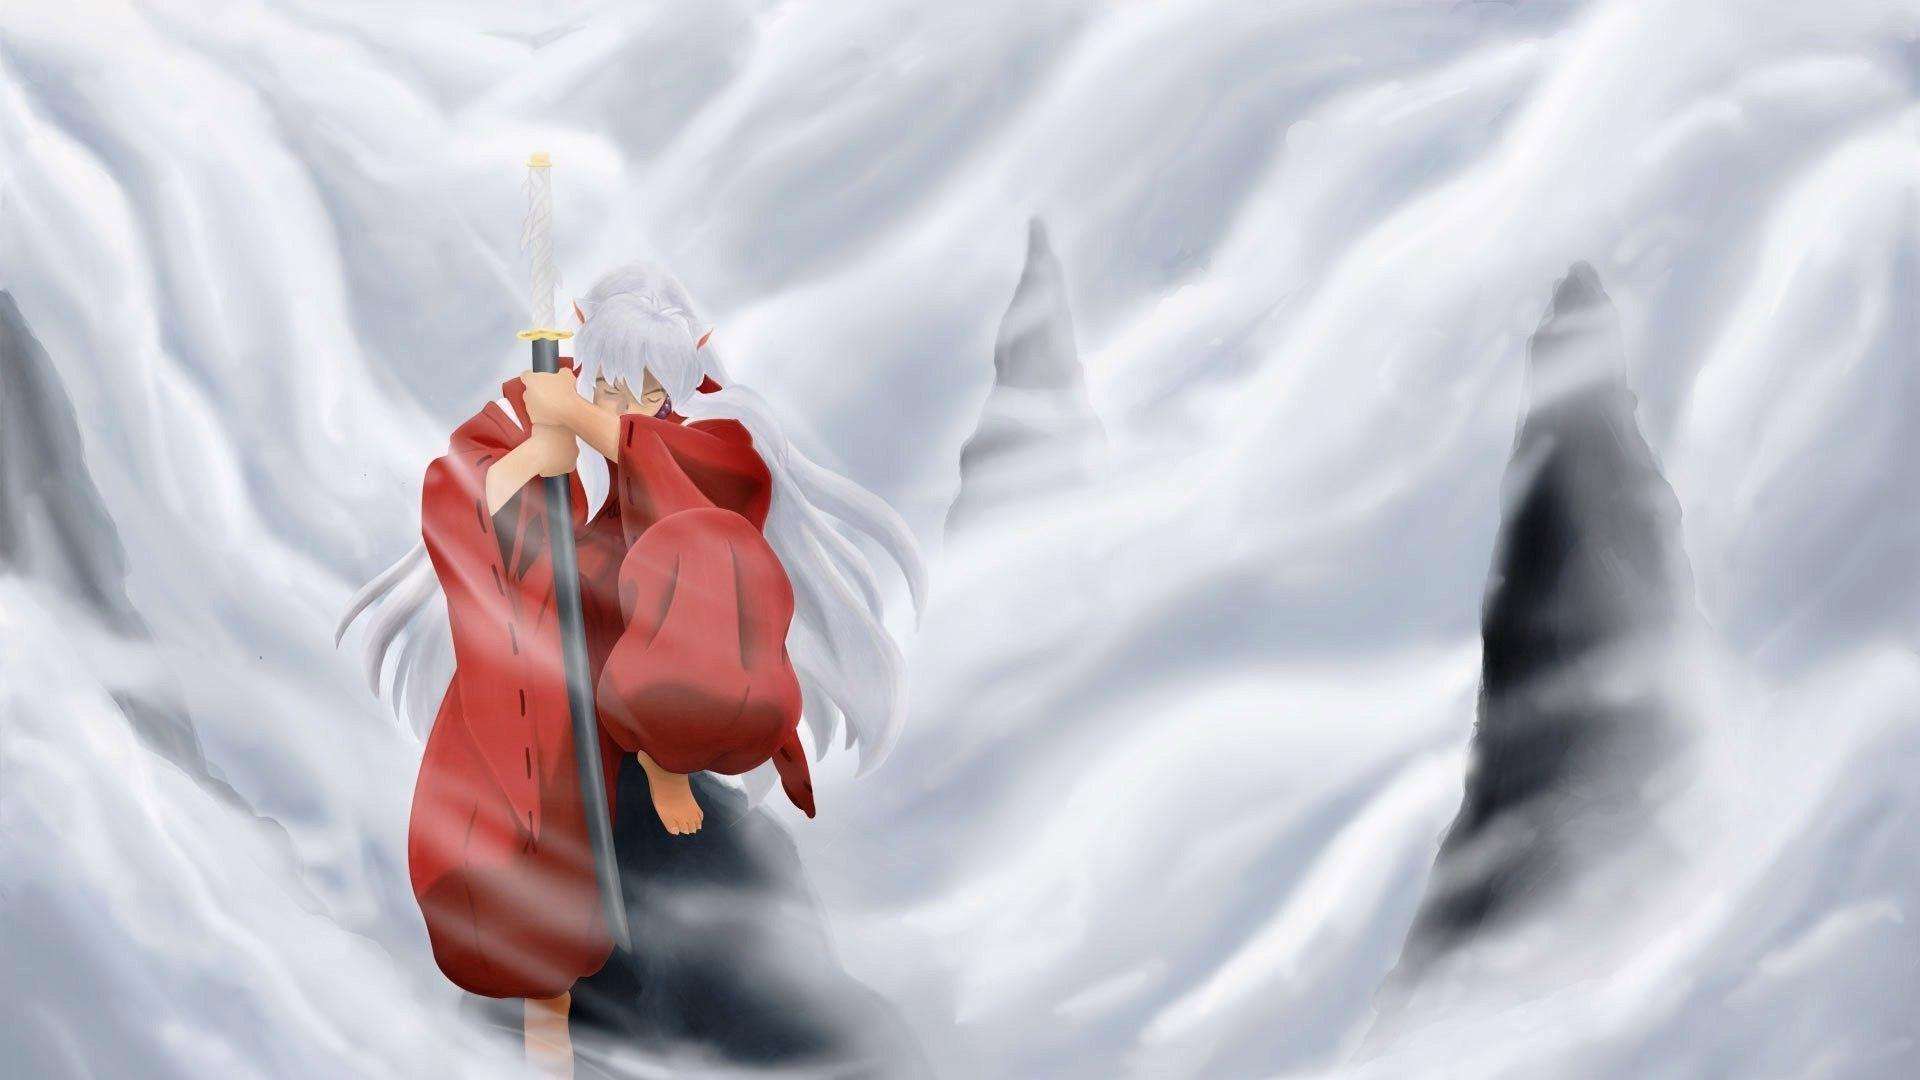 Inuyasha 1080p Anime Image.